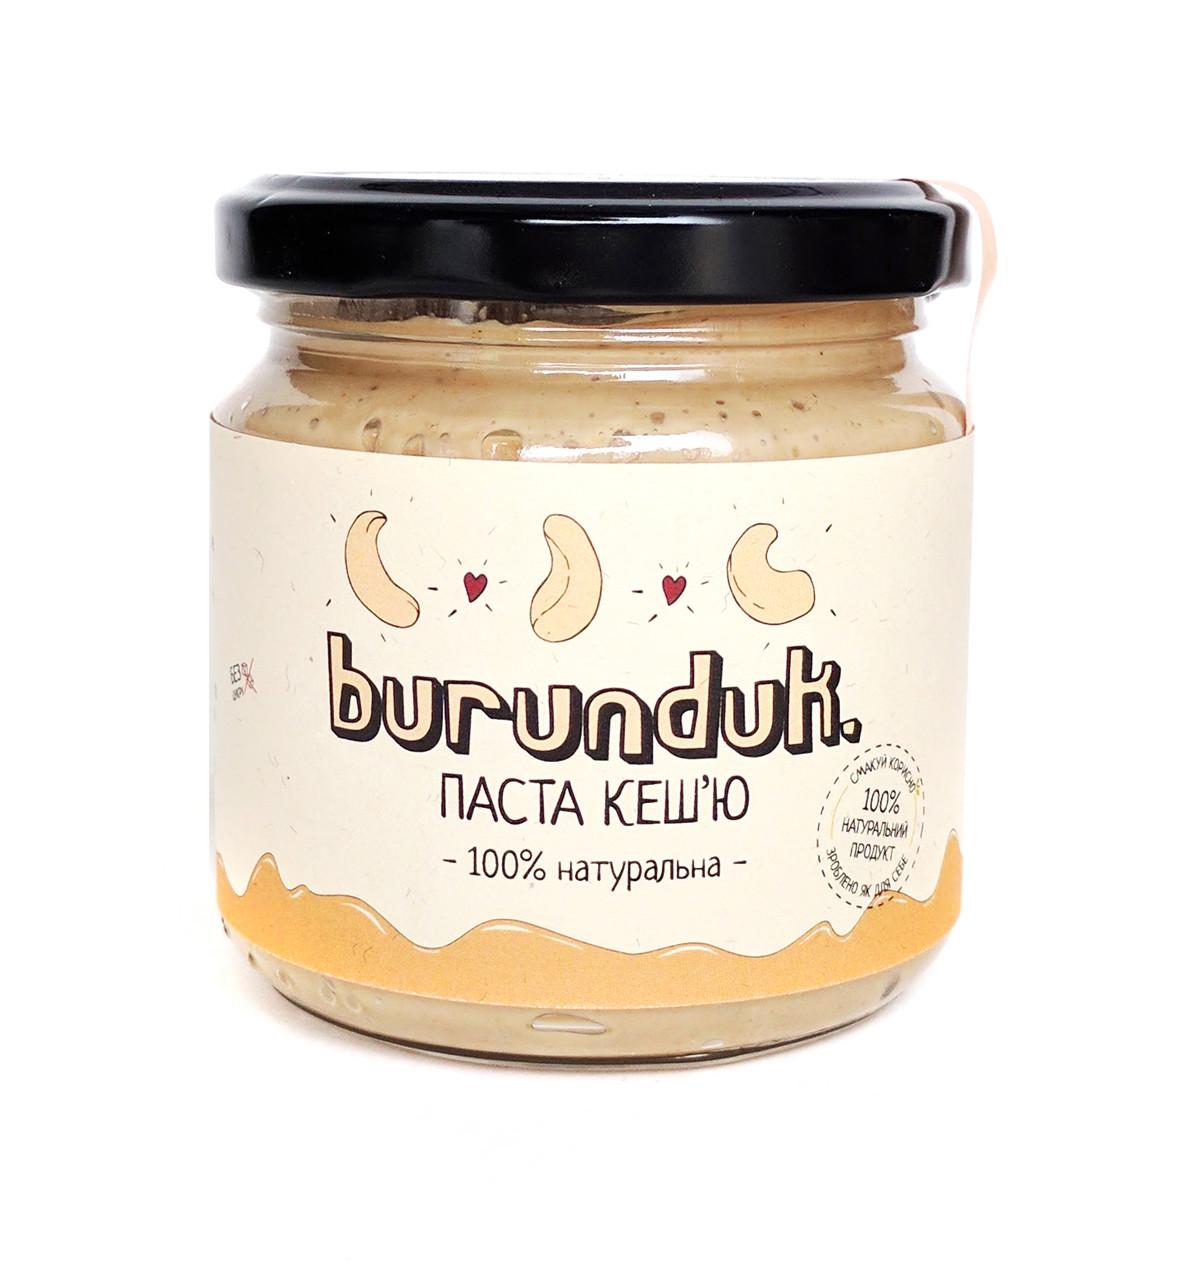 Паста из орехов кешью Burunduk,  180 мл (год.до 8.10.21)